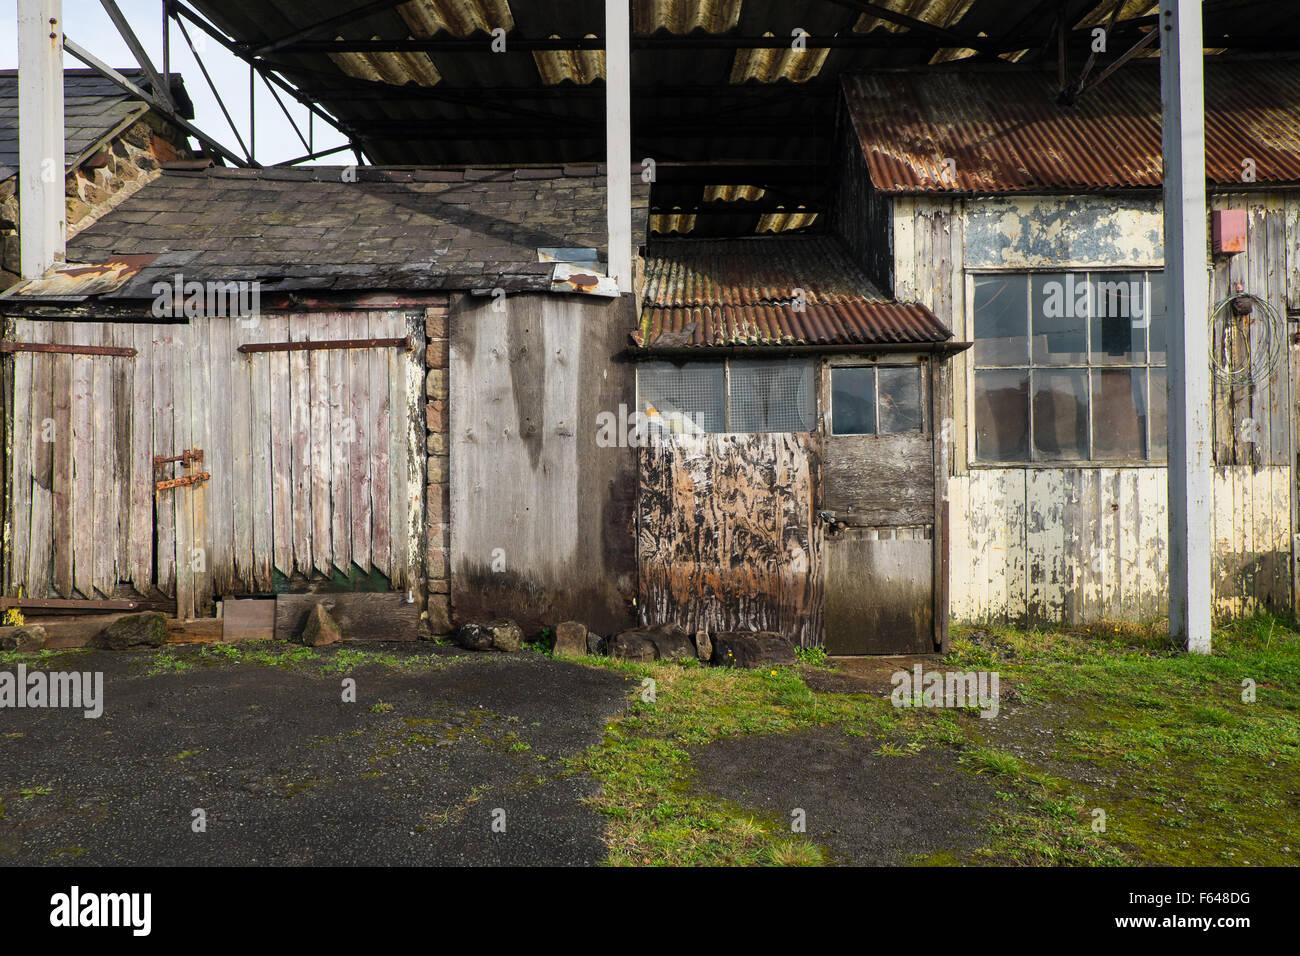 Decrepit farm buildings Cheshire England 2015 - Stock Image